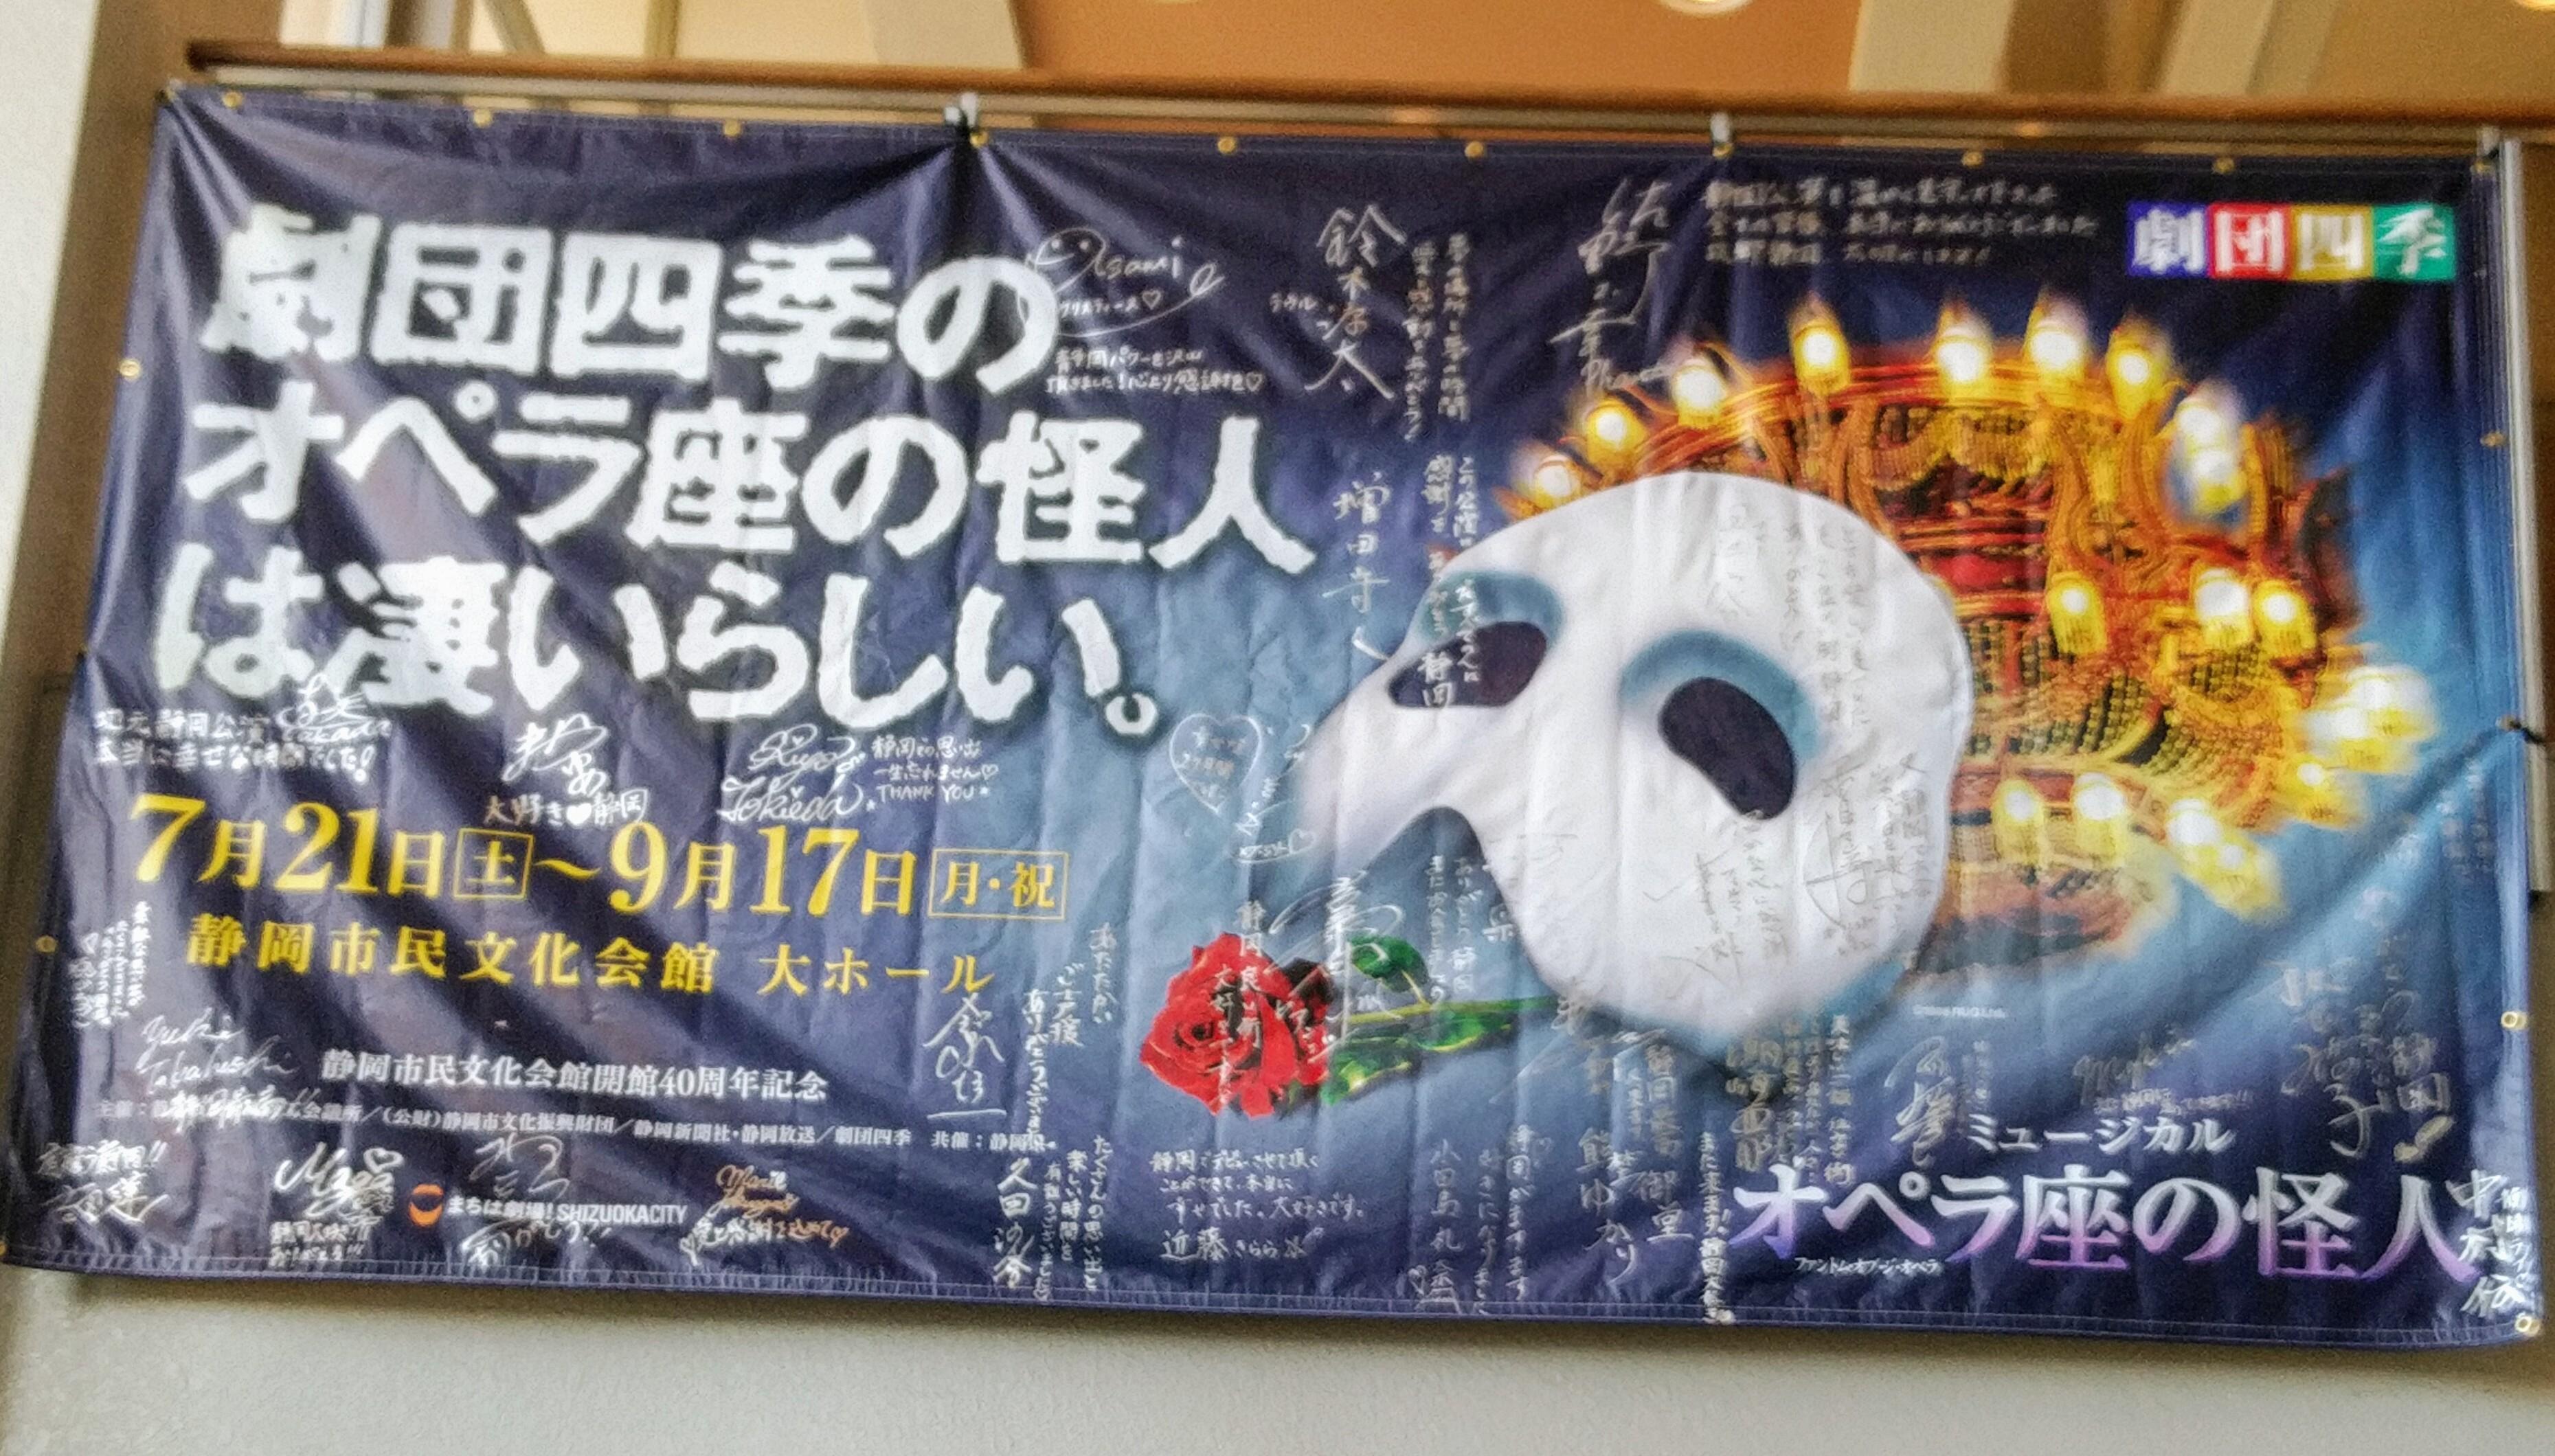 9/17静岡「オペラ座の怪人」千穐楽